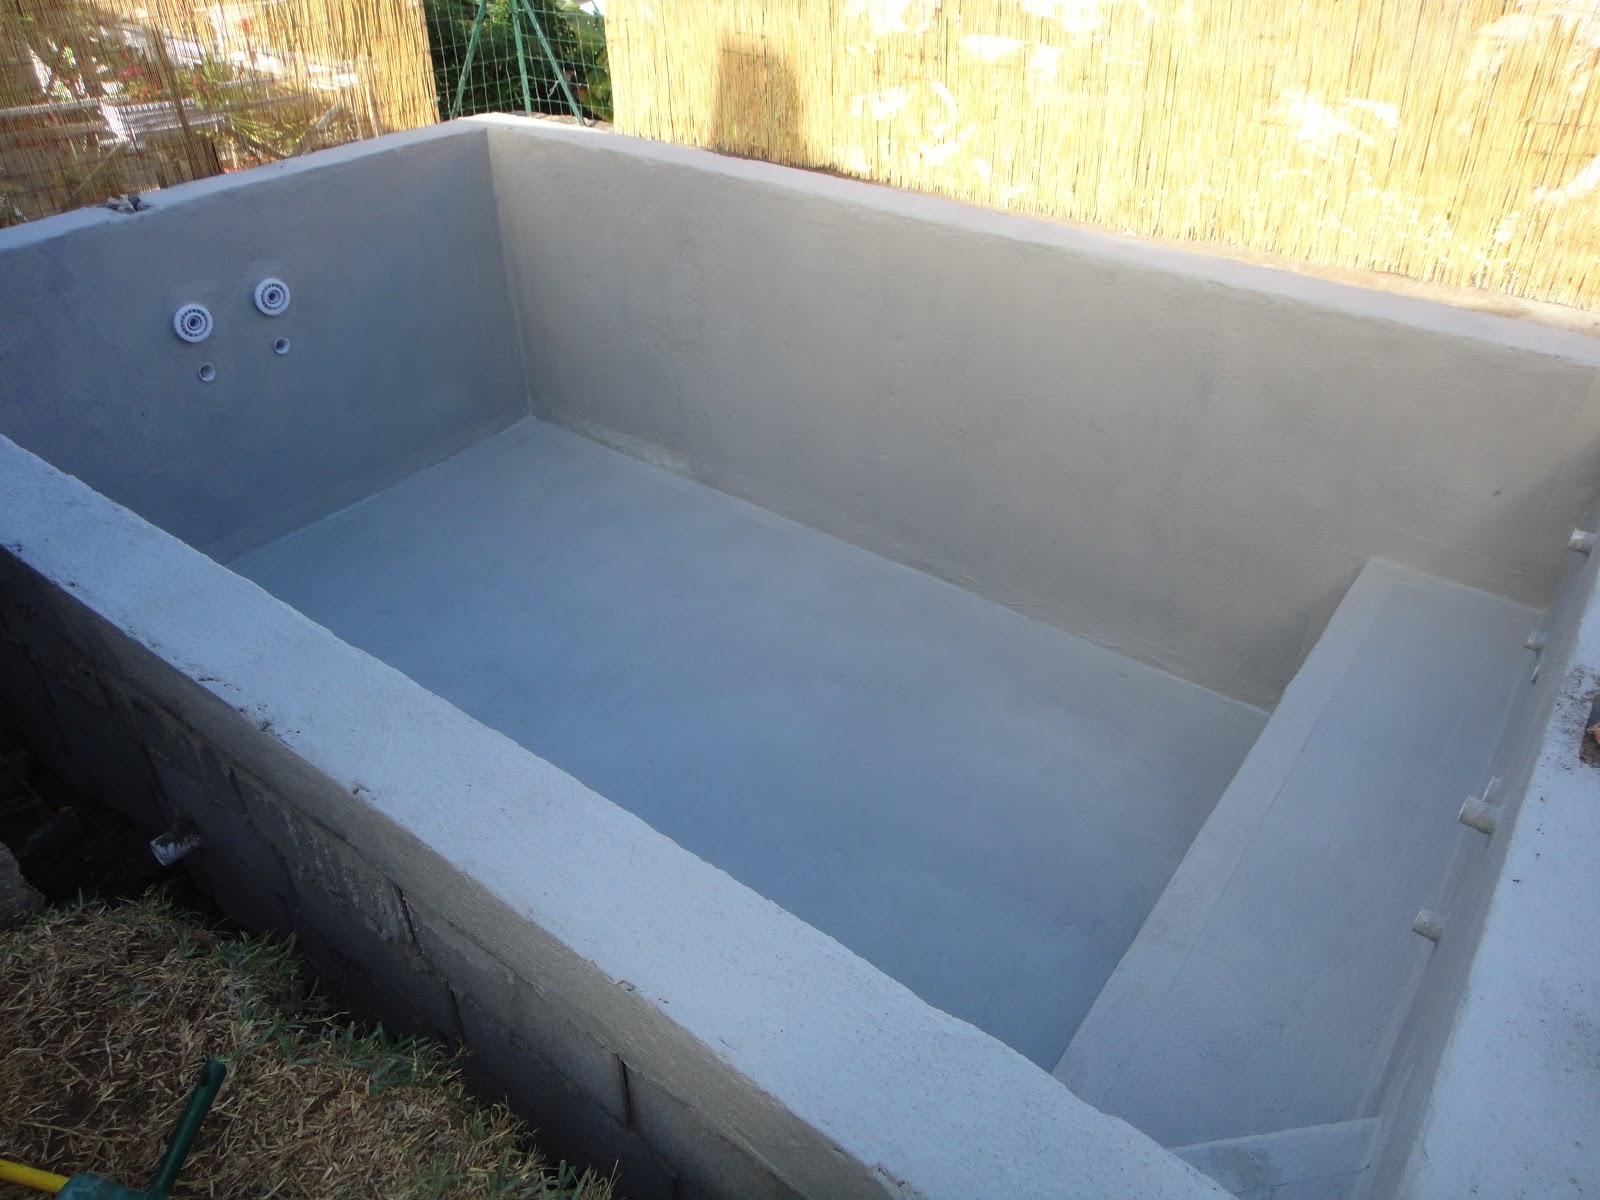 Construire sa piscine partie 2 l for Etancheite piscine avant carrelage